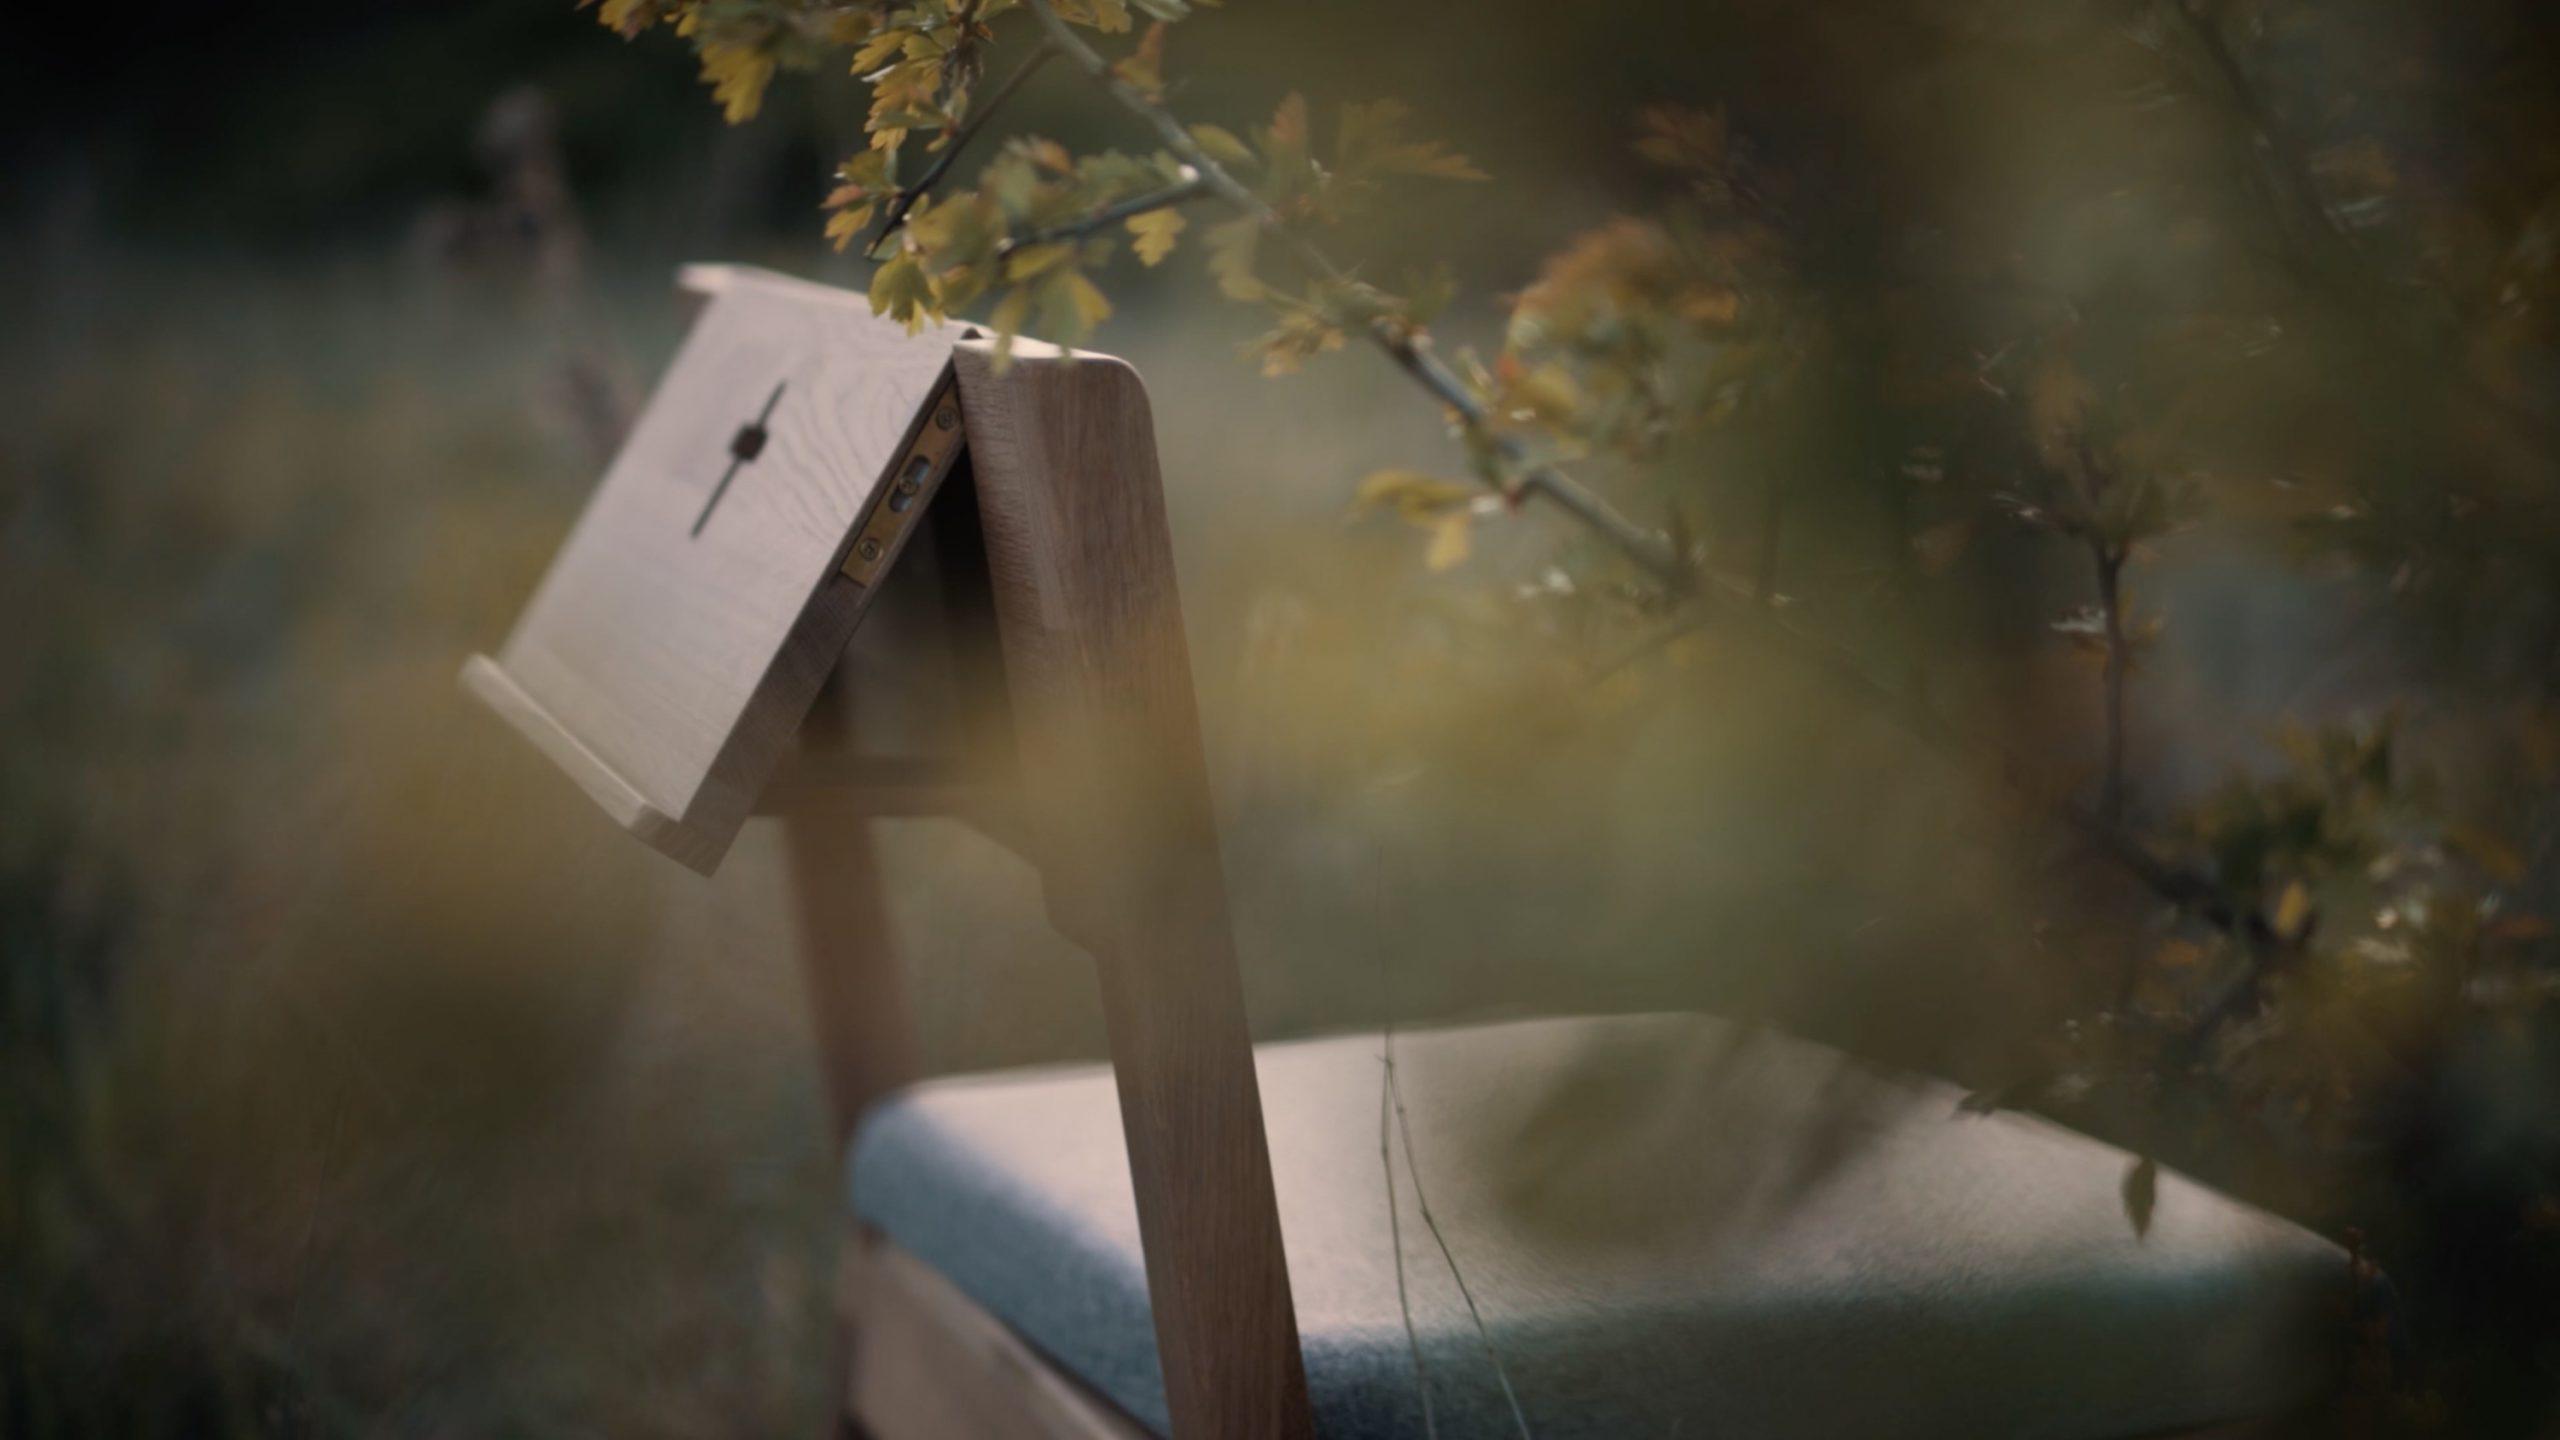 ZOE Kirchenstuhl mit einziehbarer Schlinge auf der Bibel in der Frühlingsnatur.